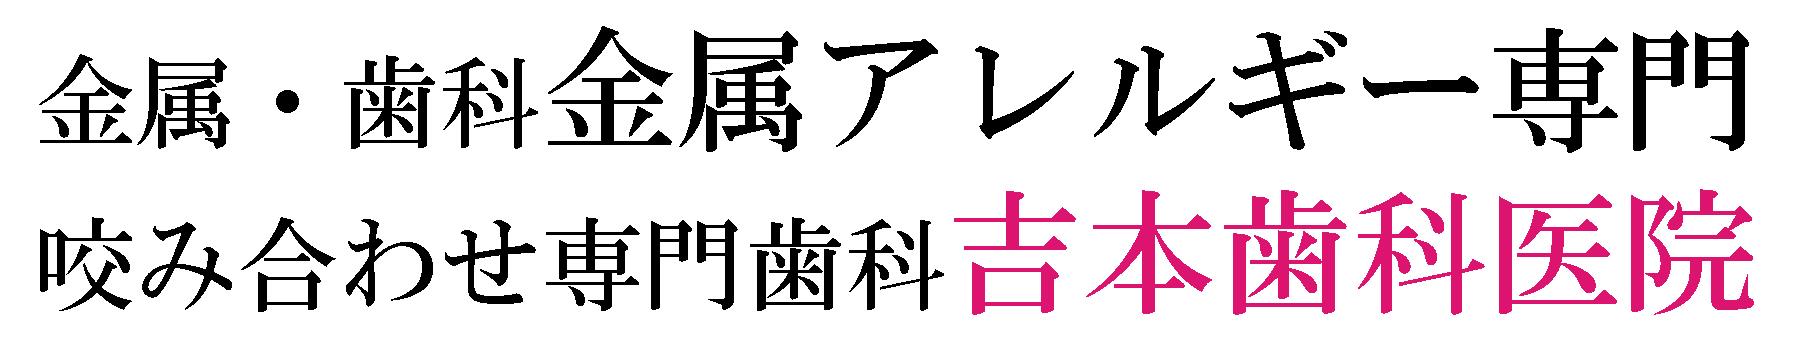 香川県 高松市の金属アレルギー専門|金属アレルギーを起こさない歯の治療なら歯科金属アレルギー専門歯科|吉本歯科医院